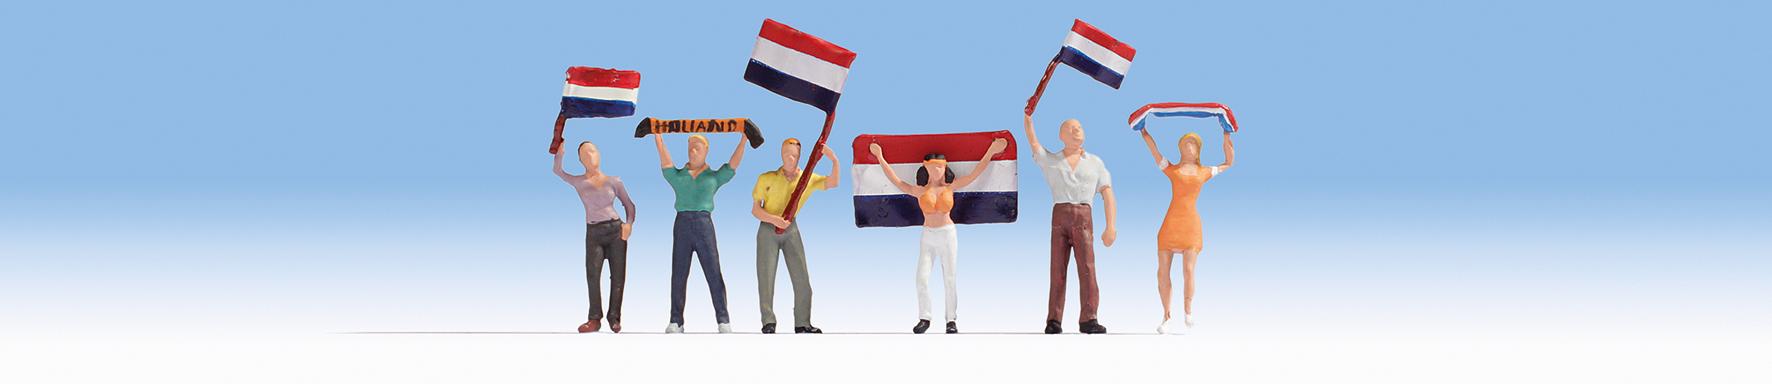 Niederländische Fans